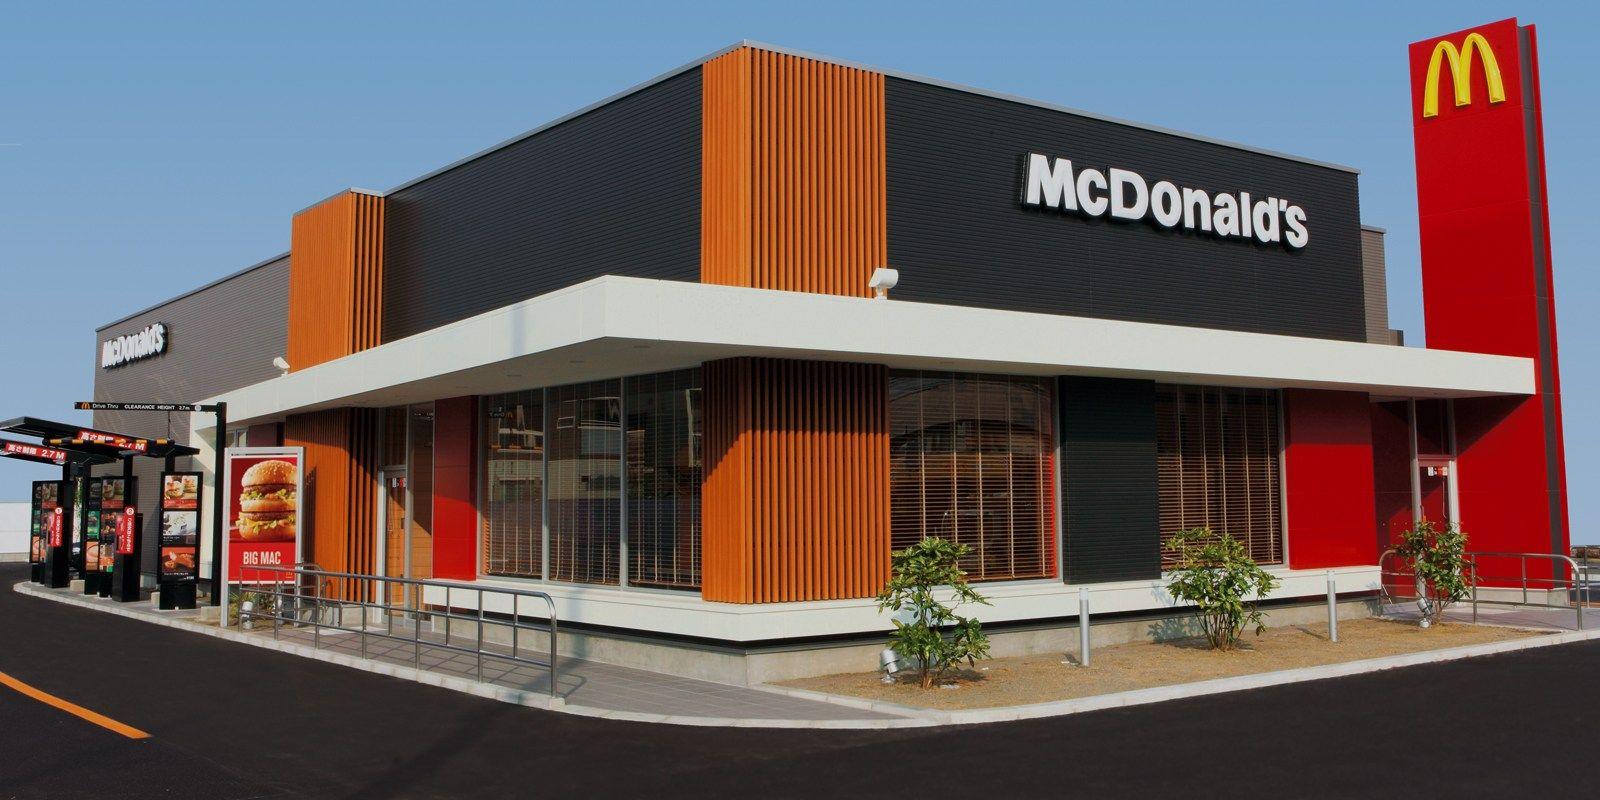 マクドナルド「夜マック」を全国展開へ・・・ 100円でパティなどの具材が倍に!